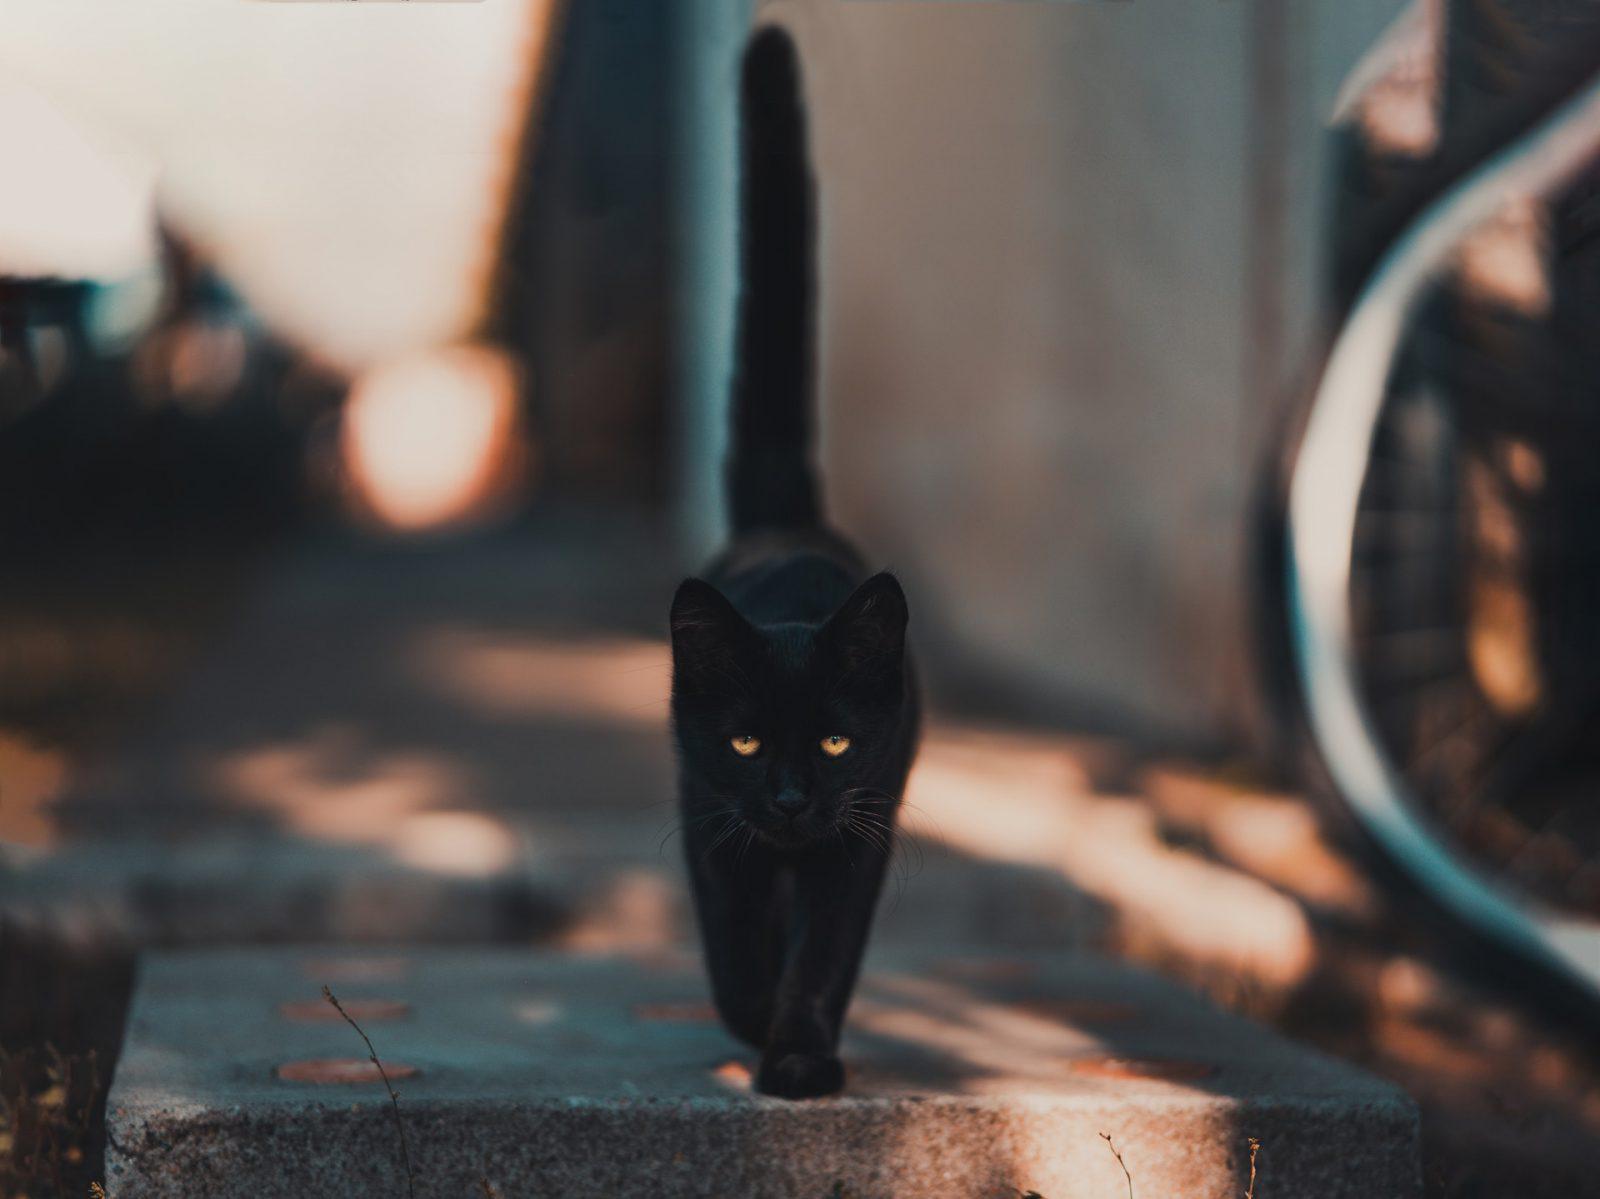 Sonhar com gato preto indica cautela antes de tomar decisões.